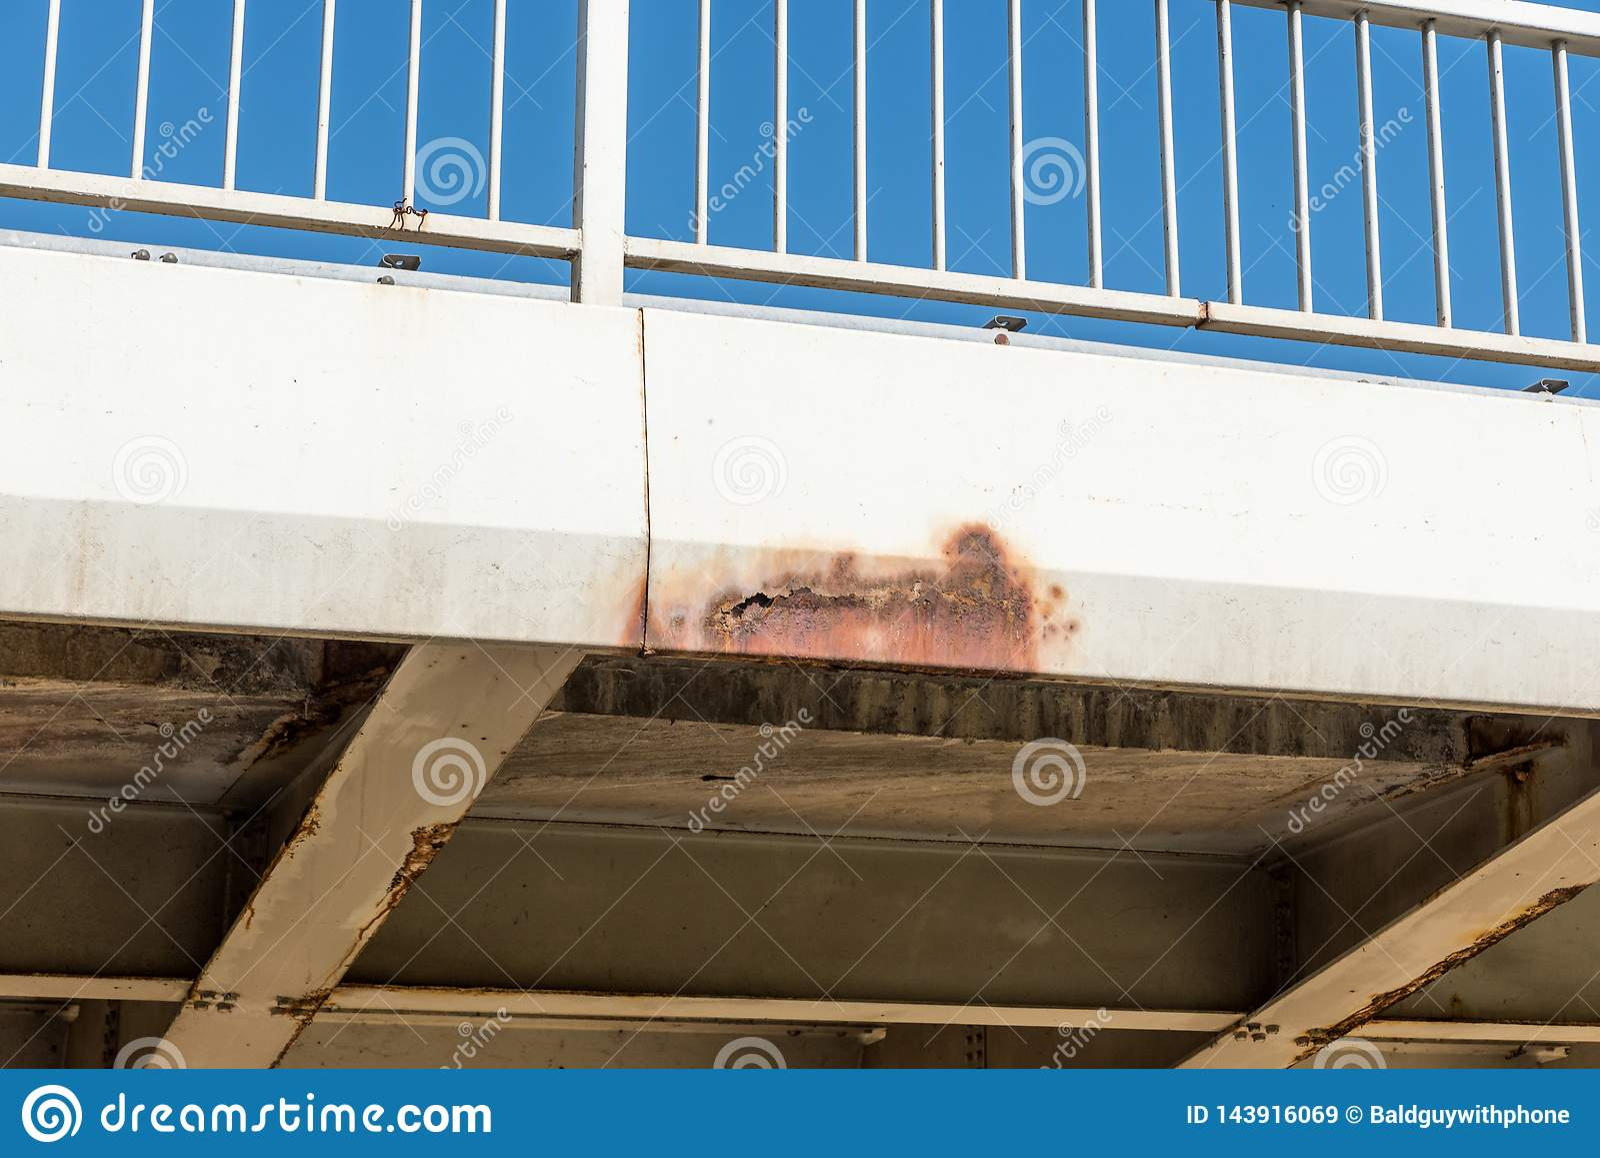 Поврежденное и заржаветое строительство моста металла с ржавчиной и корозия на соединенной части с опасностью болтов для пользы в